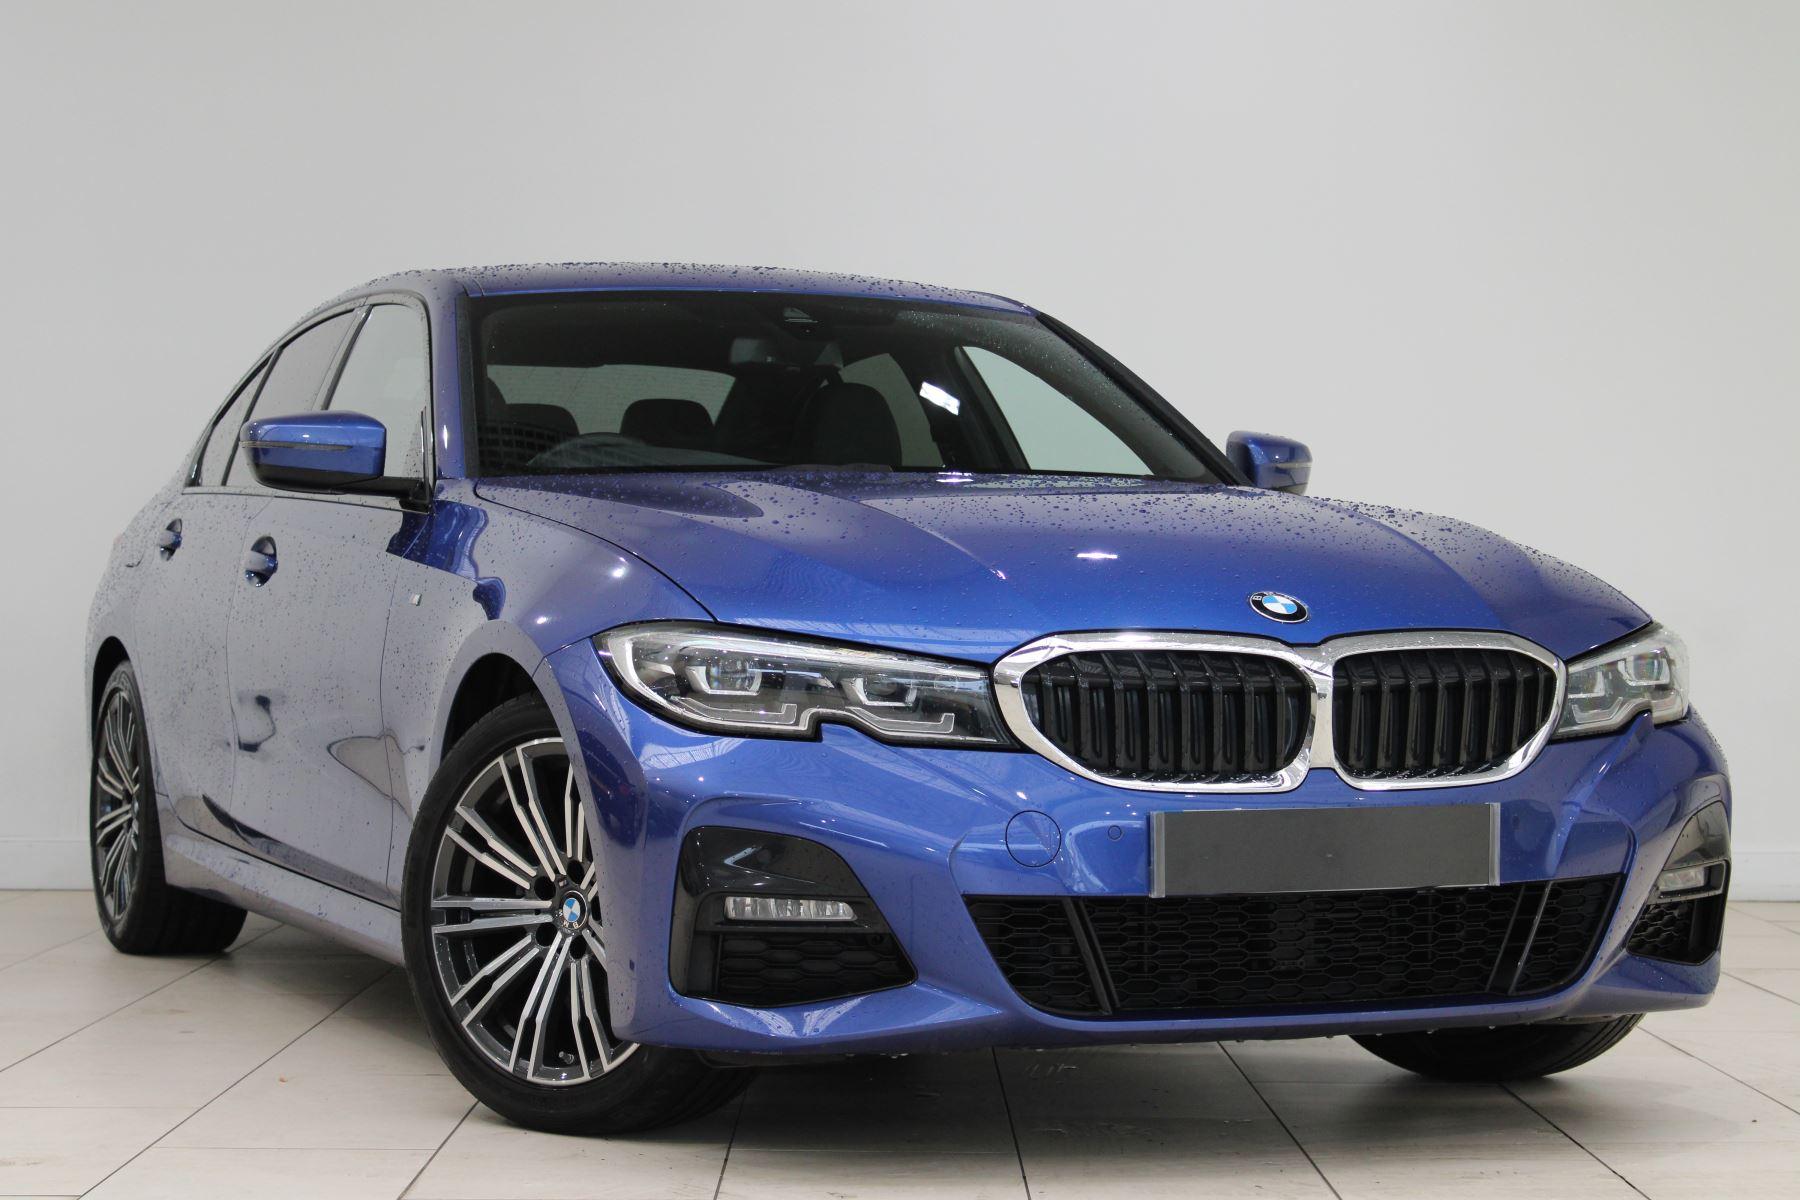 BMW 3 Series 320d M Sport Step 2.0 Diesel Automatic 4 door Saloon (2019)